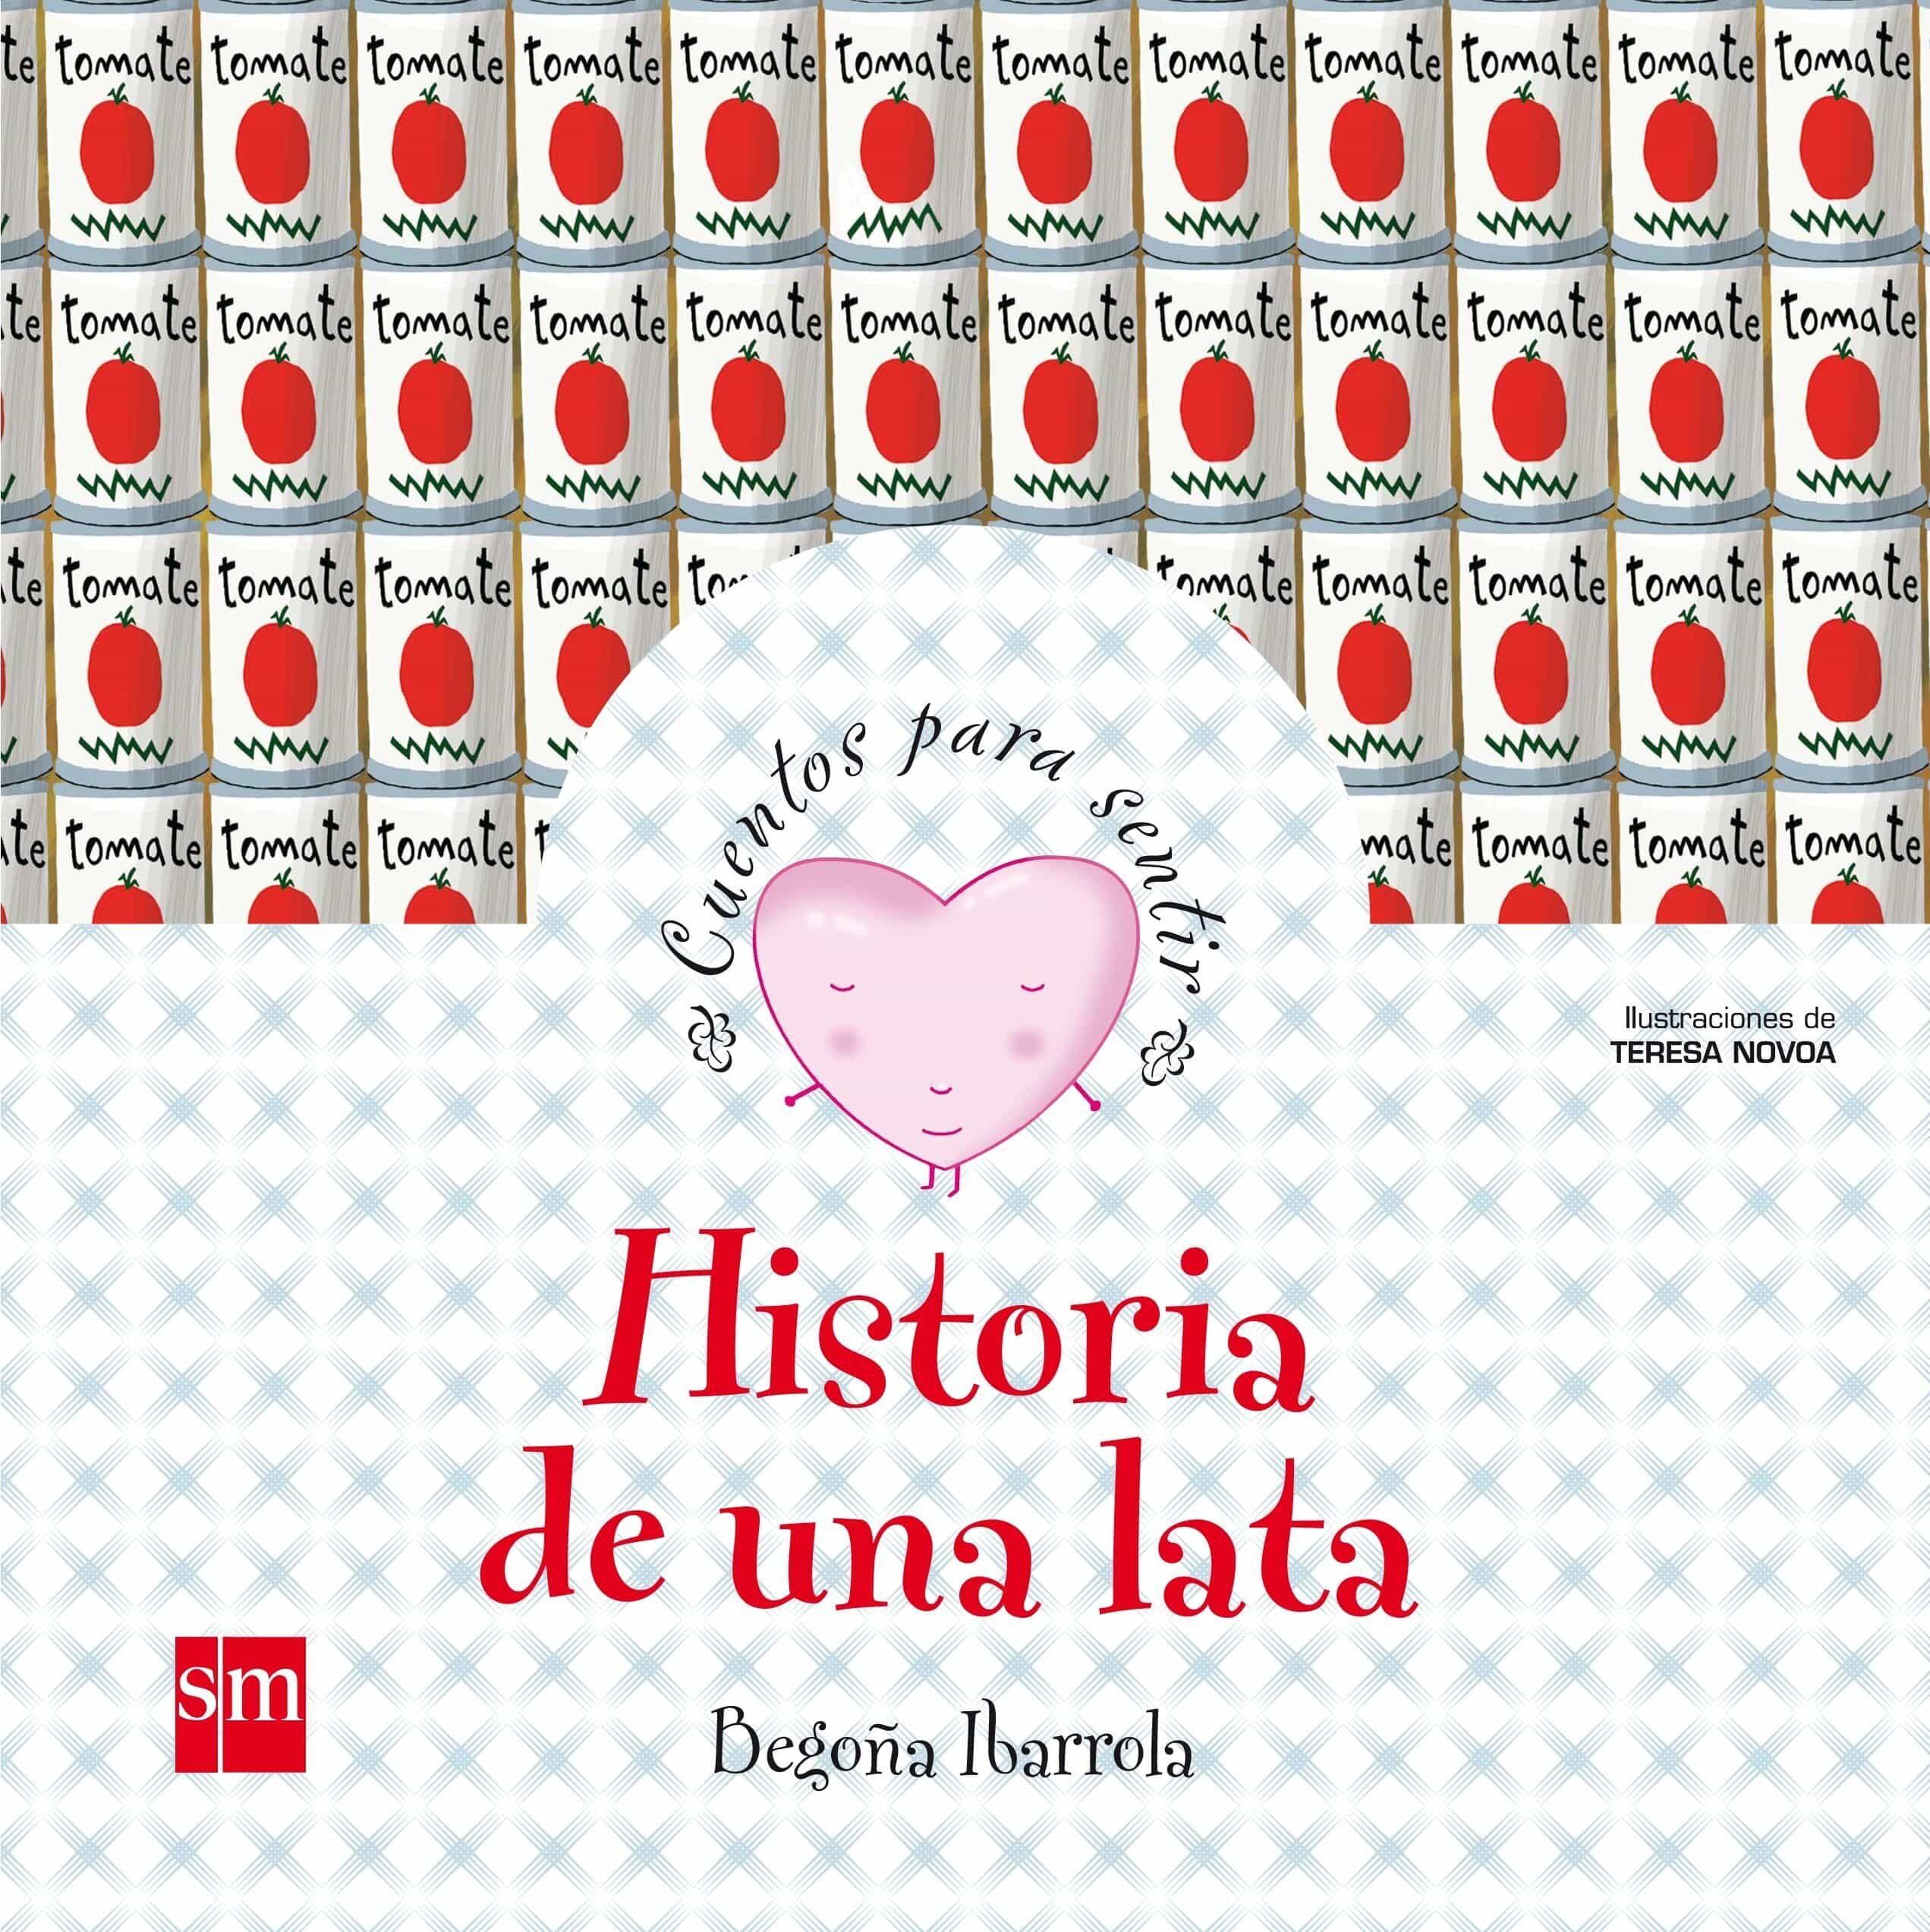 Historia De Una Lata (cuentos Para Sentir Emociones) Ilusion por Begoña Ibarrola Gratis